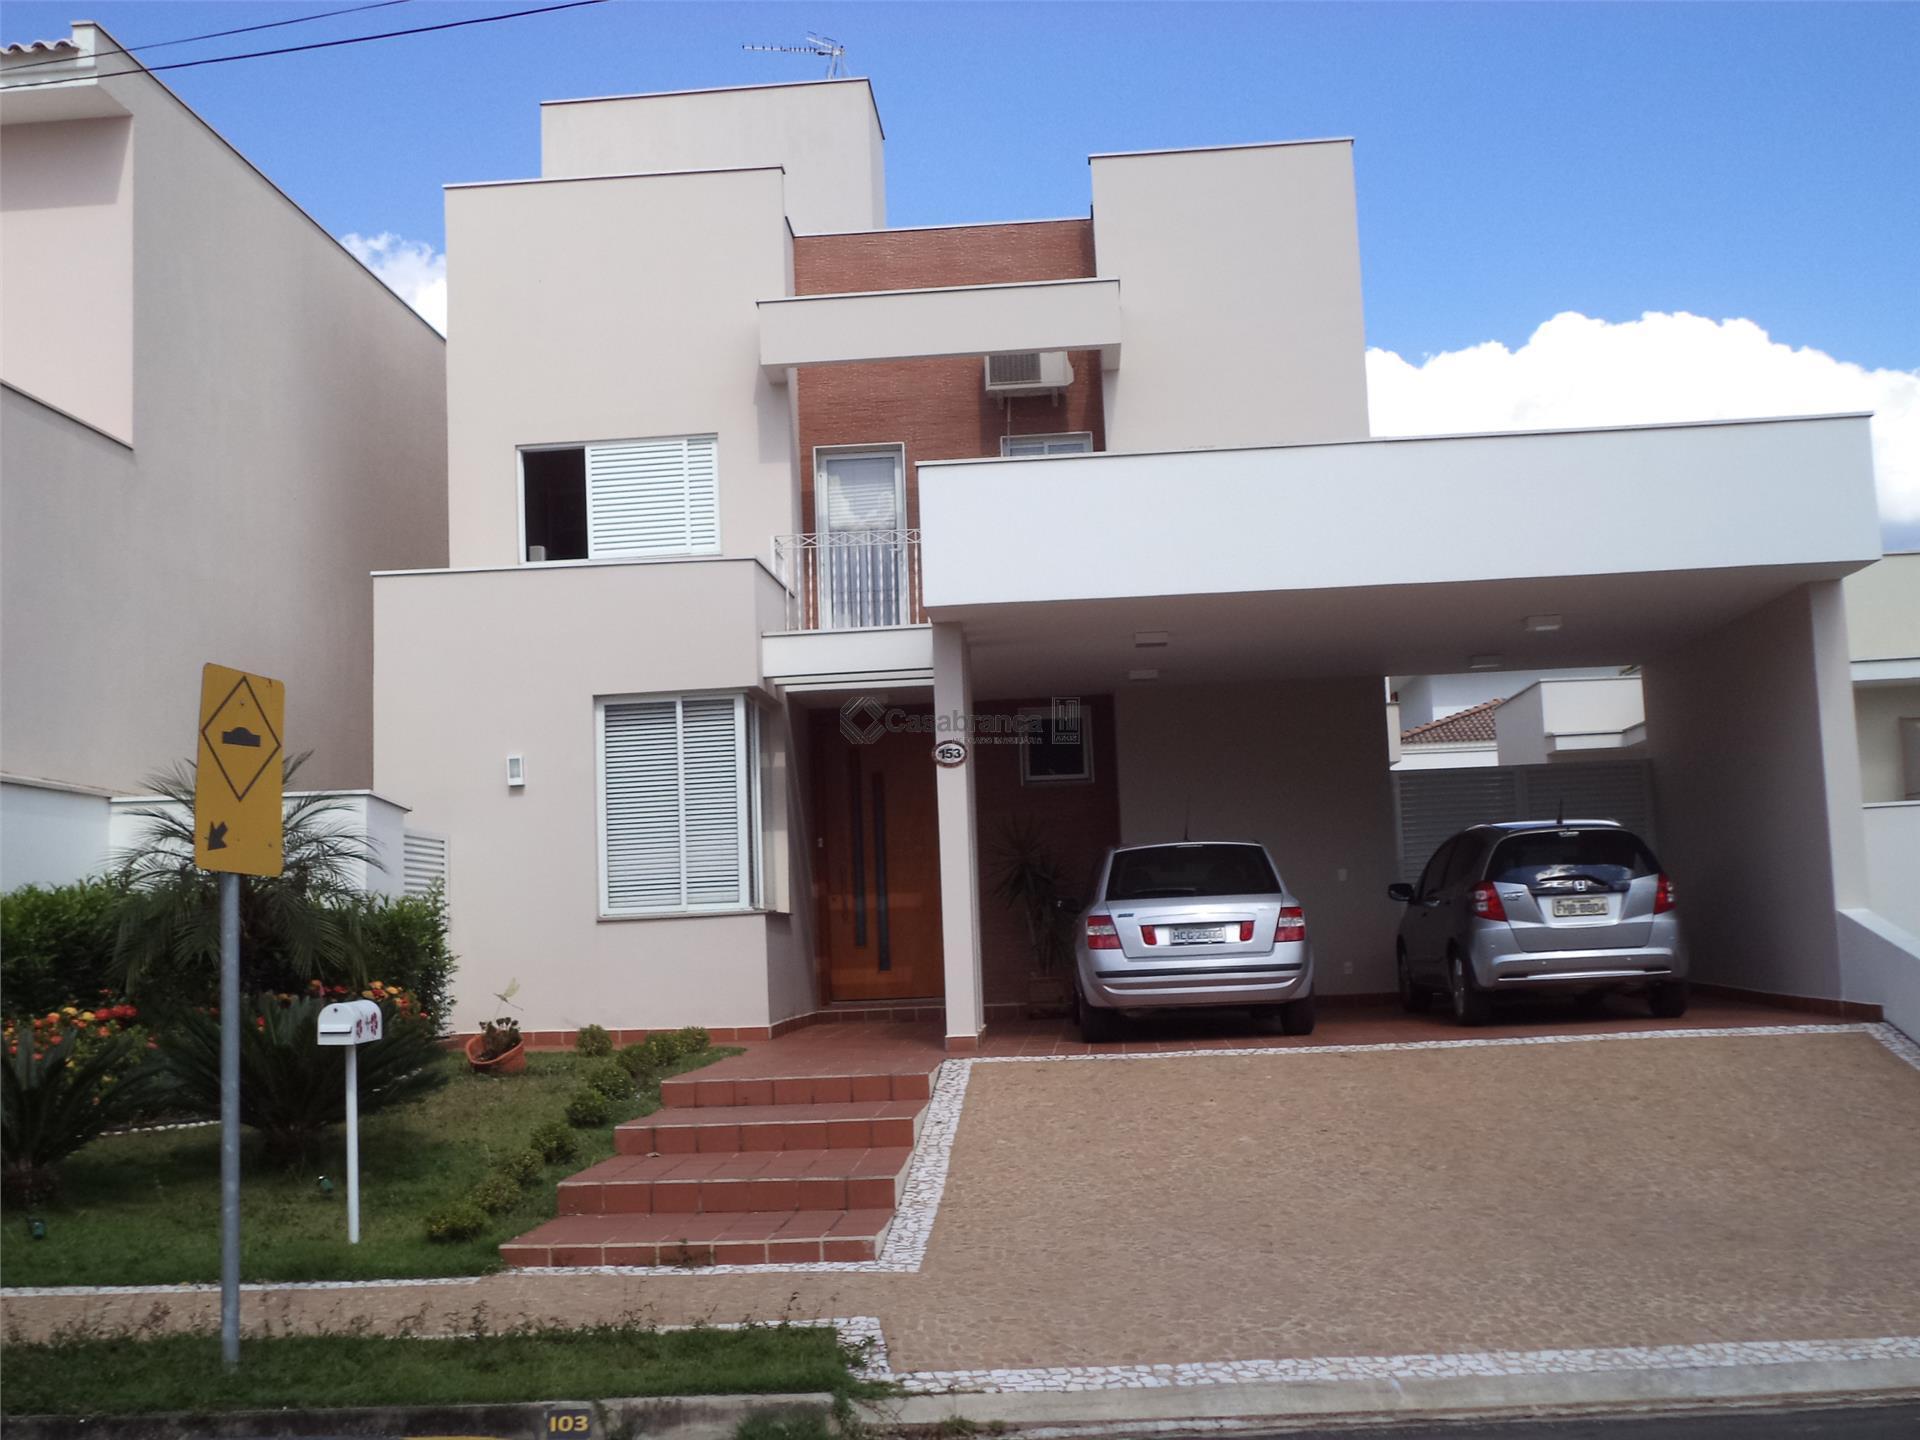 Sobrado residencial à venda, Condomínio Sunset Village, Sorocaba - SO1737.